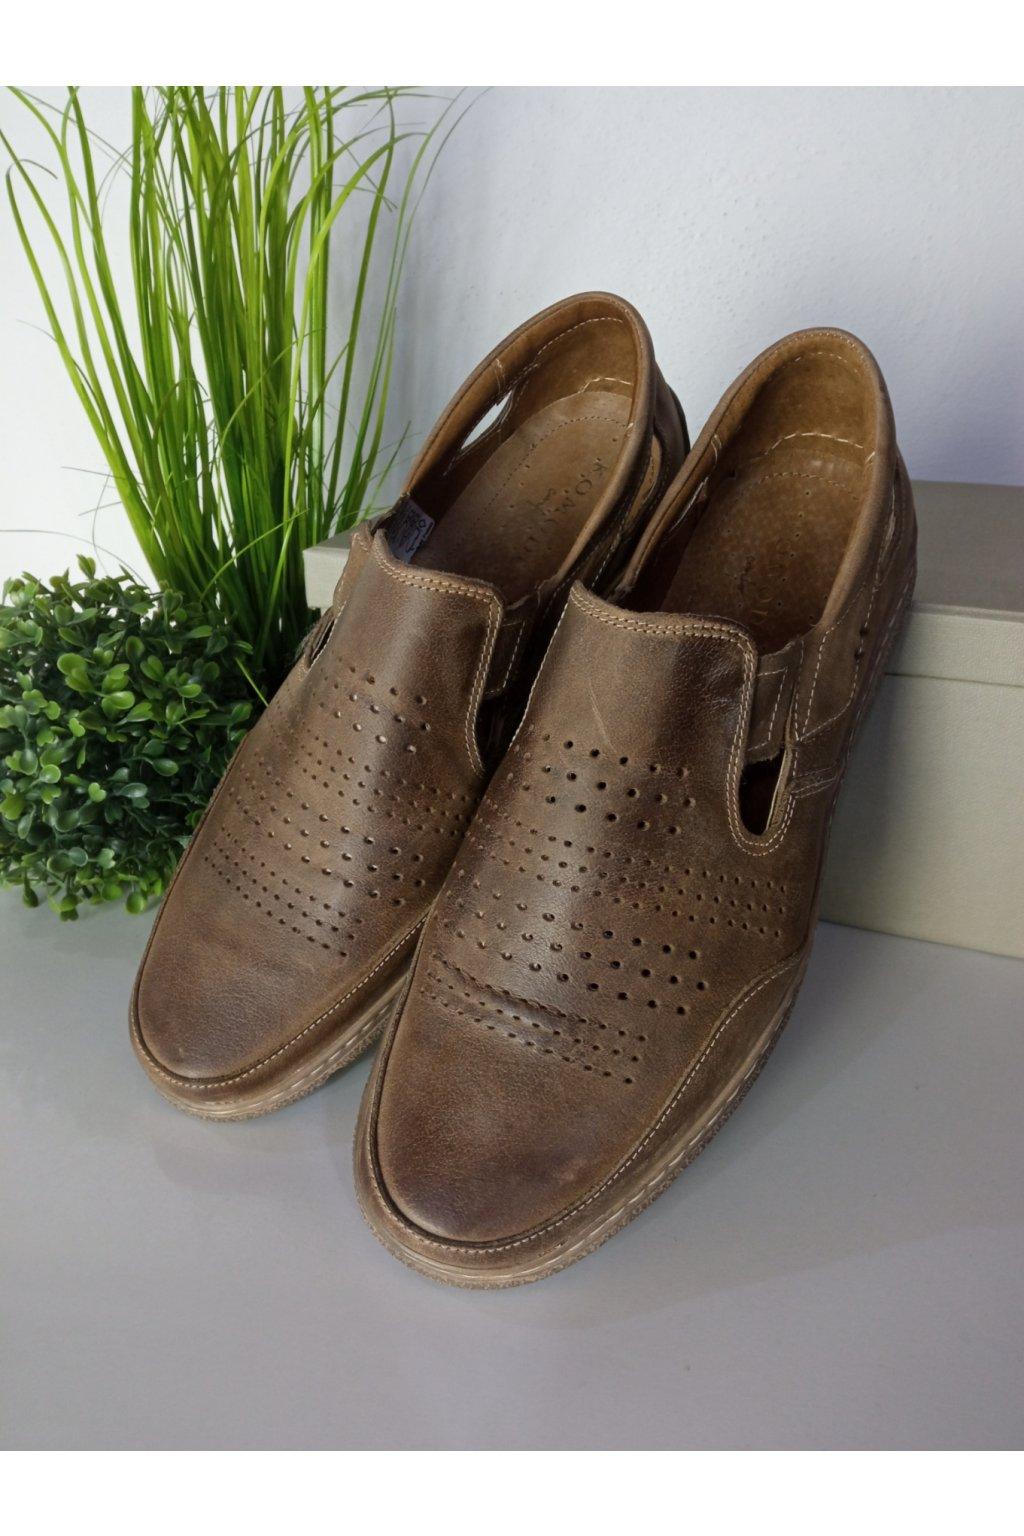 Hnedé topánky NJSK 863